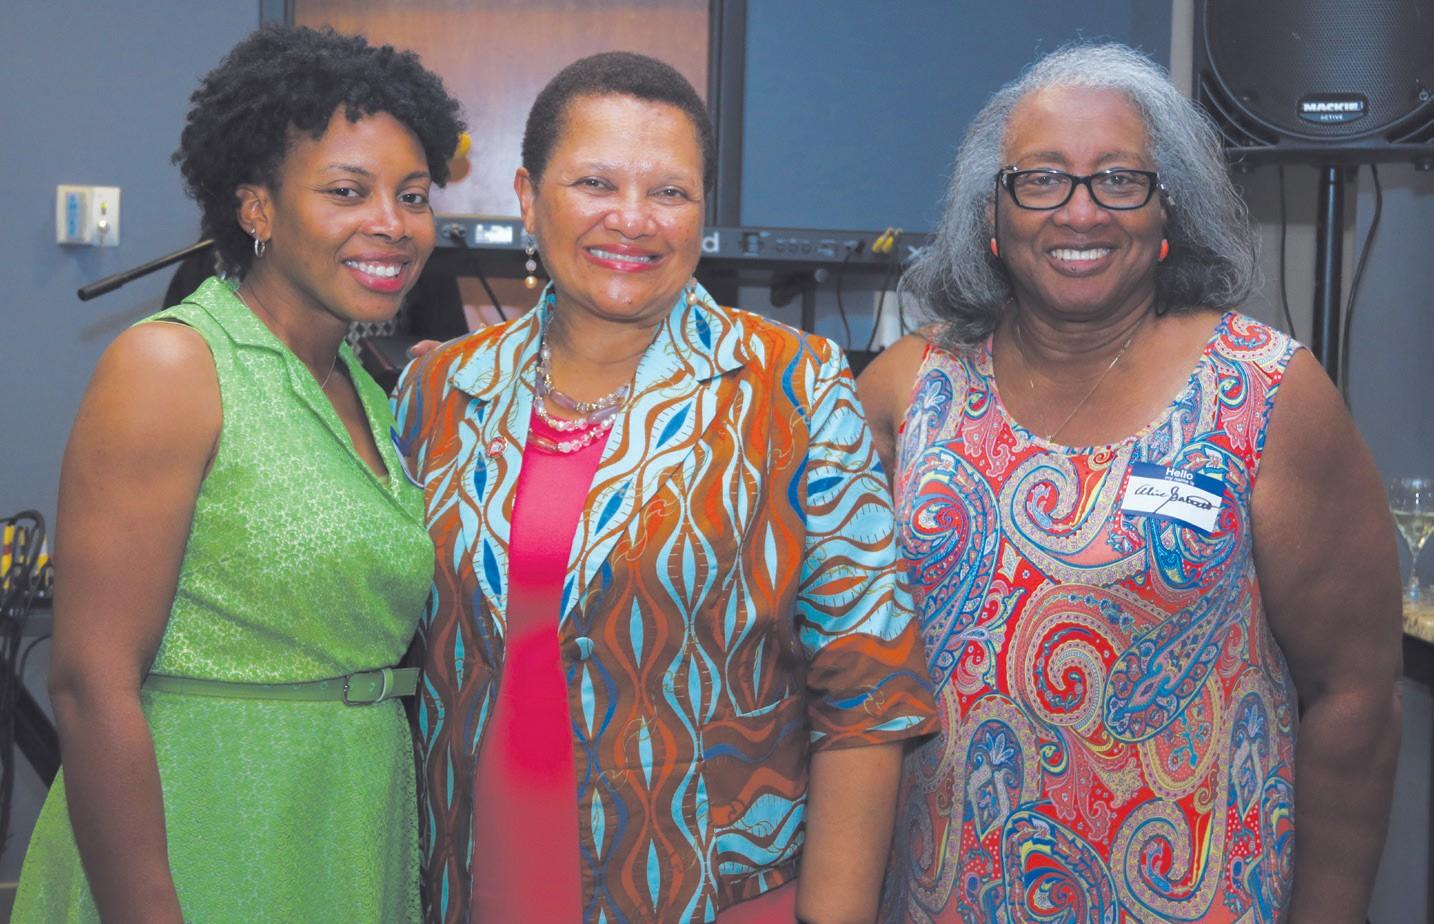 L-R: Dr. Nashett C. Garrett; Dr. Cheryl Dozier and Dr. Alice Garrett